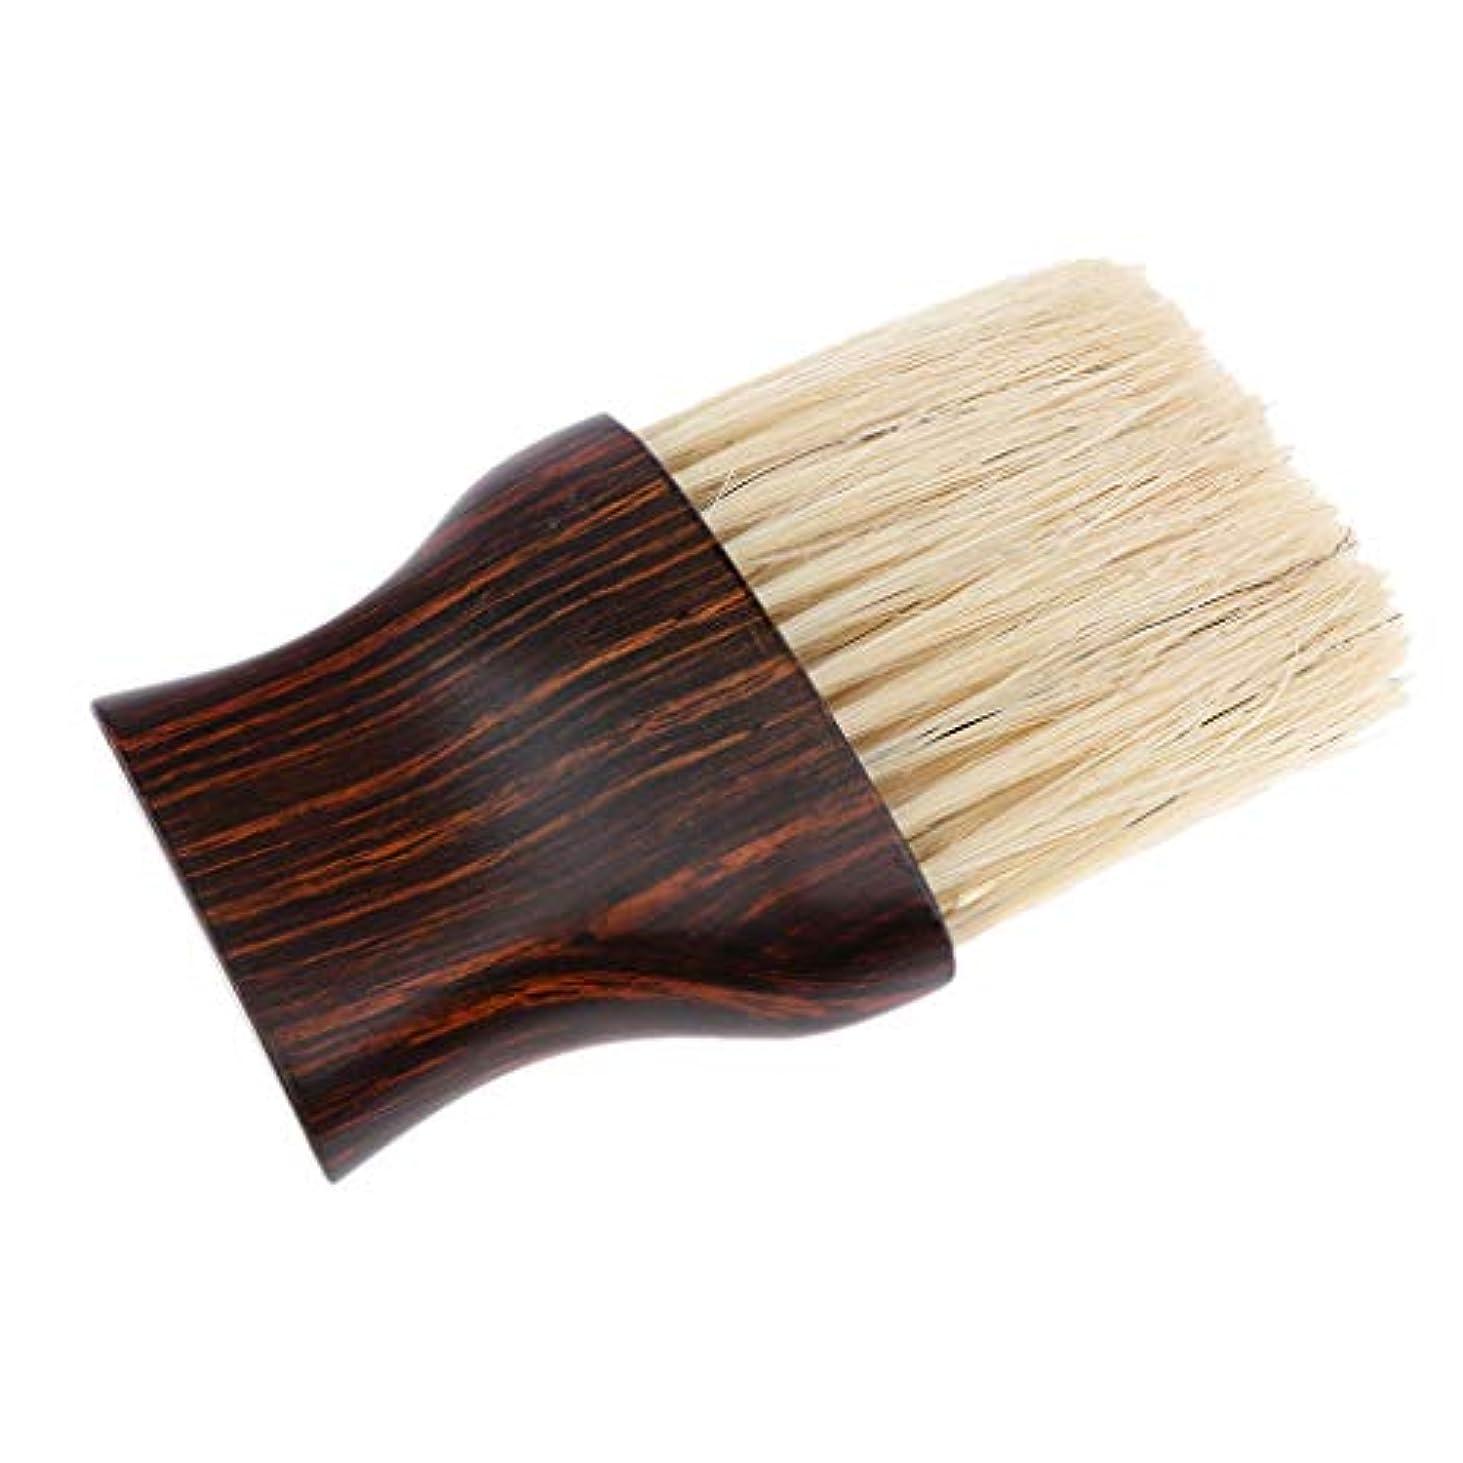 事故早熟トラフィックヘアブラシ 毛払いブラシ 散髪 髪切り 散髪用ツール 床屋 理髪店 美容院 ソフトブラシ